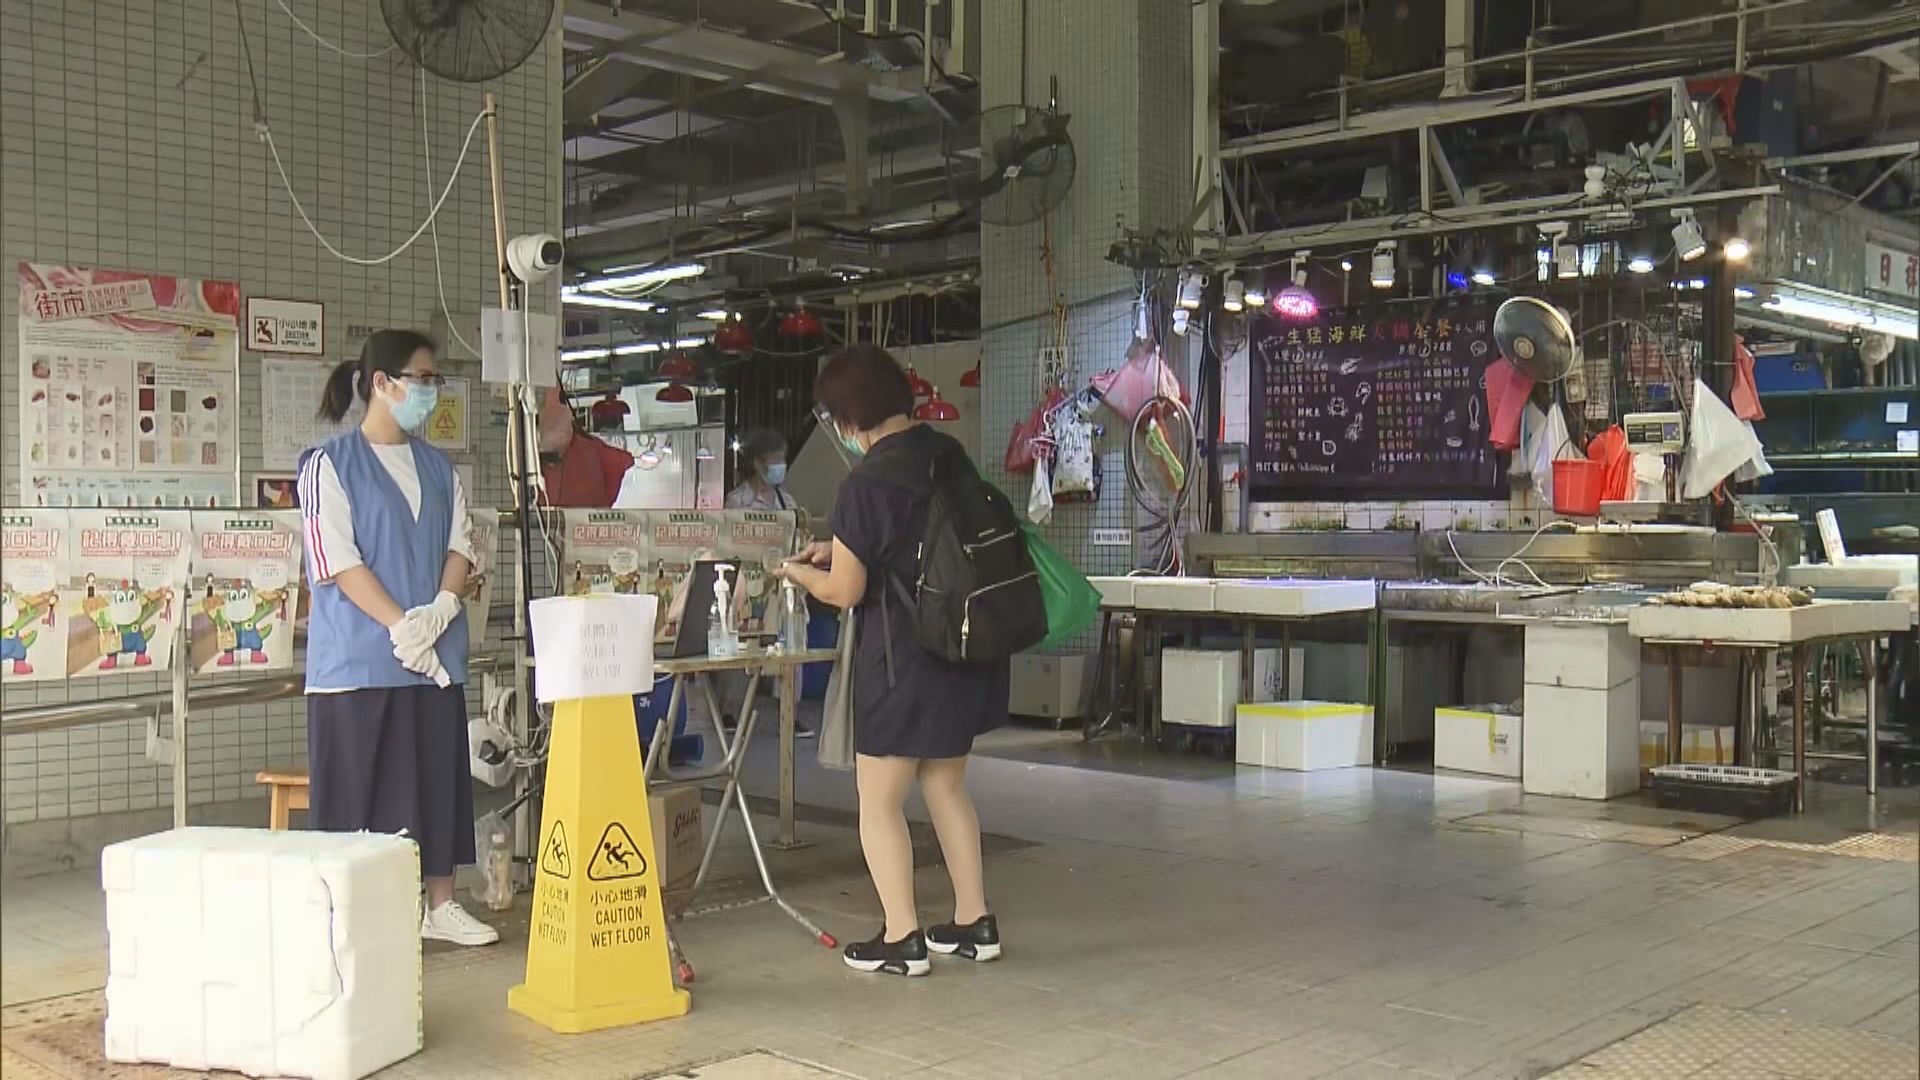 十二個街市周日起分階段晚上七時提早關閉深層消毒